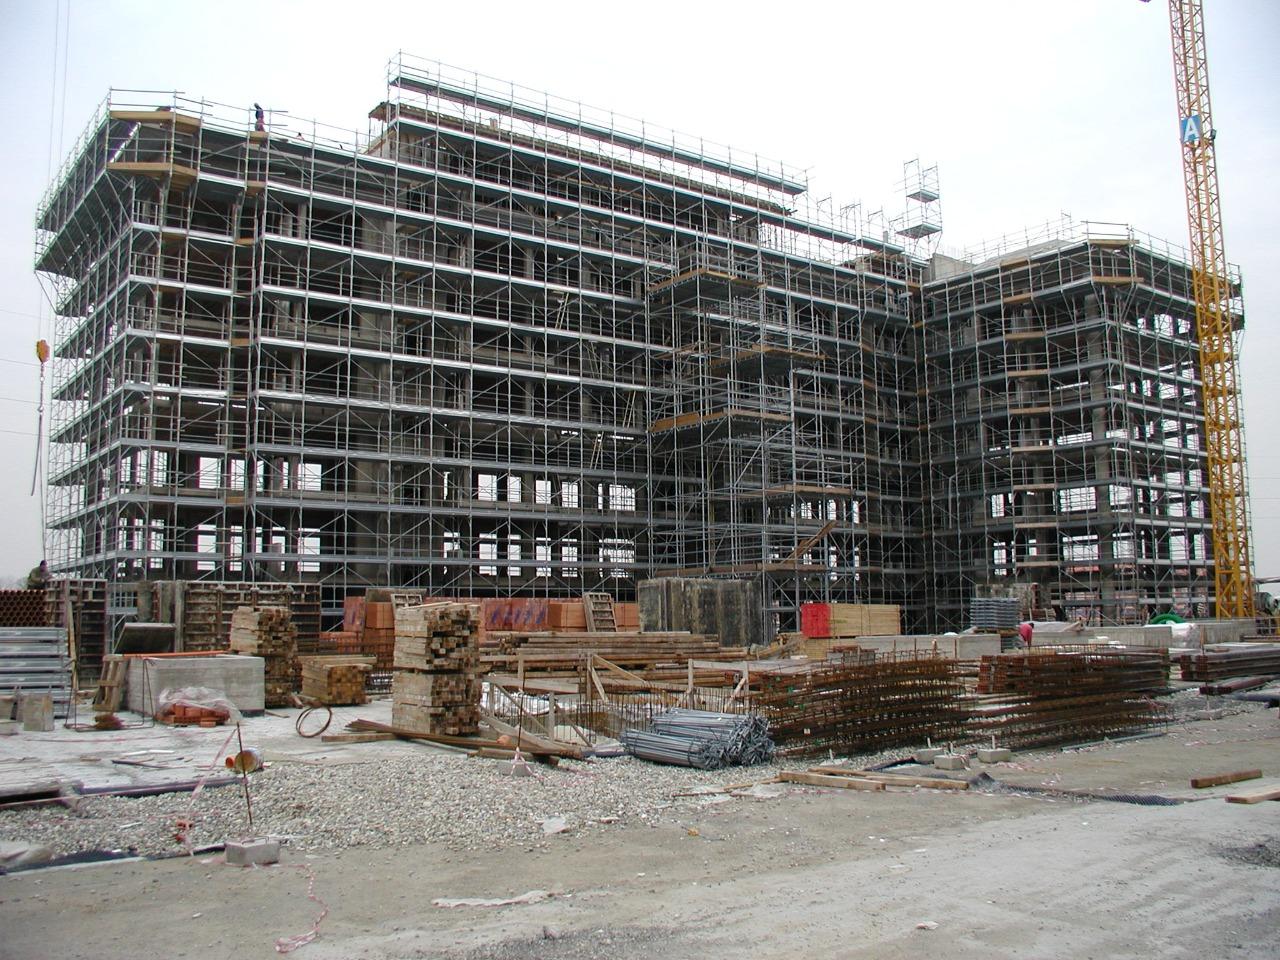 Gallery foto n.1 RP 105 - Construction d'un bâtiment résidentiel